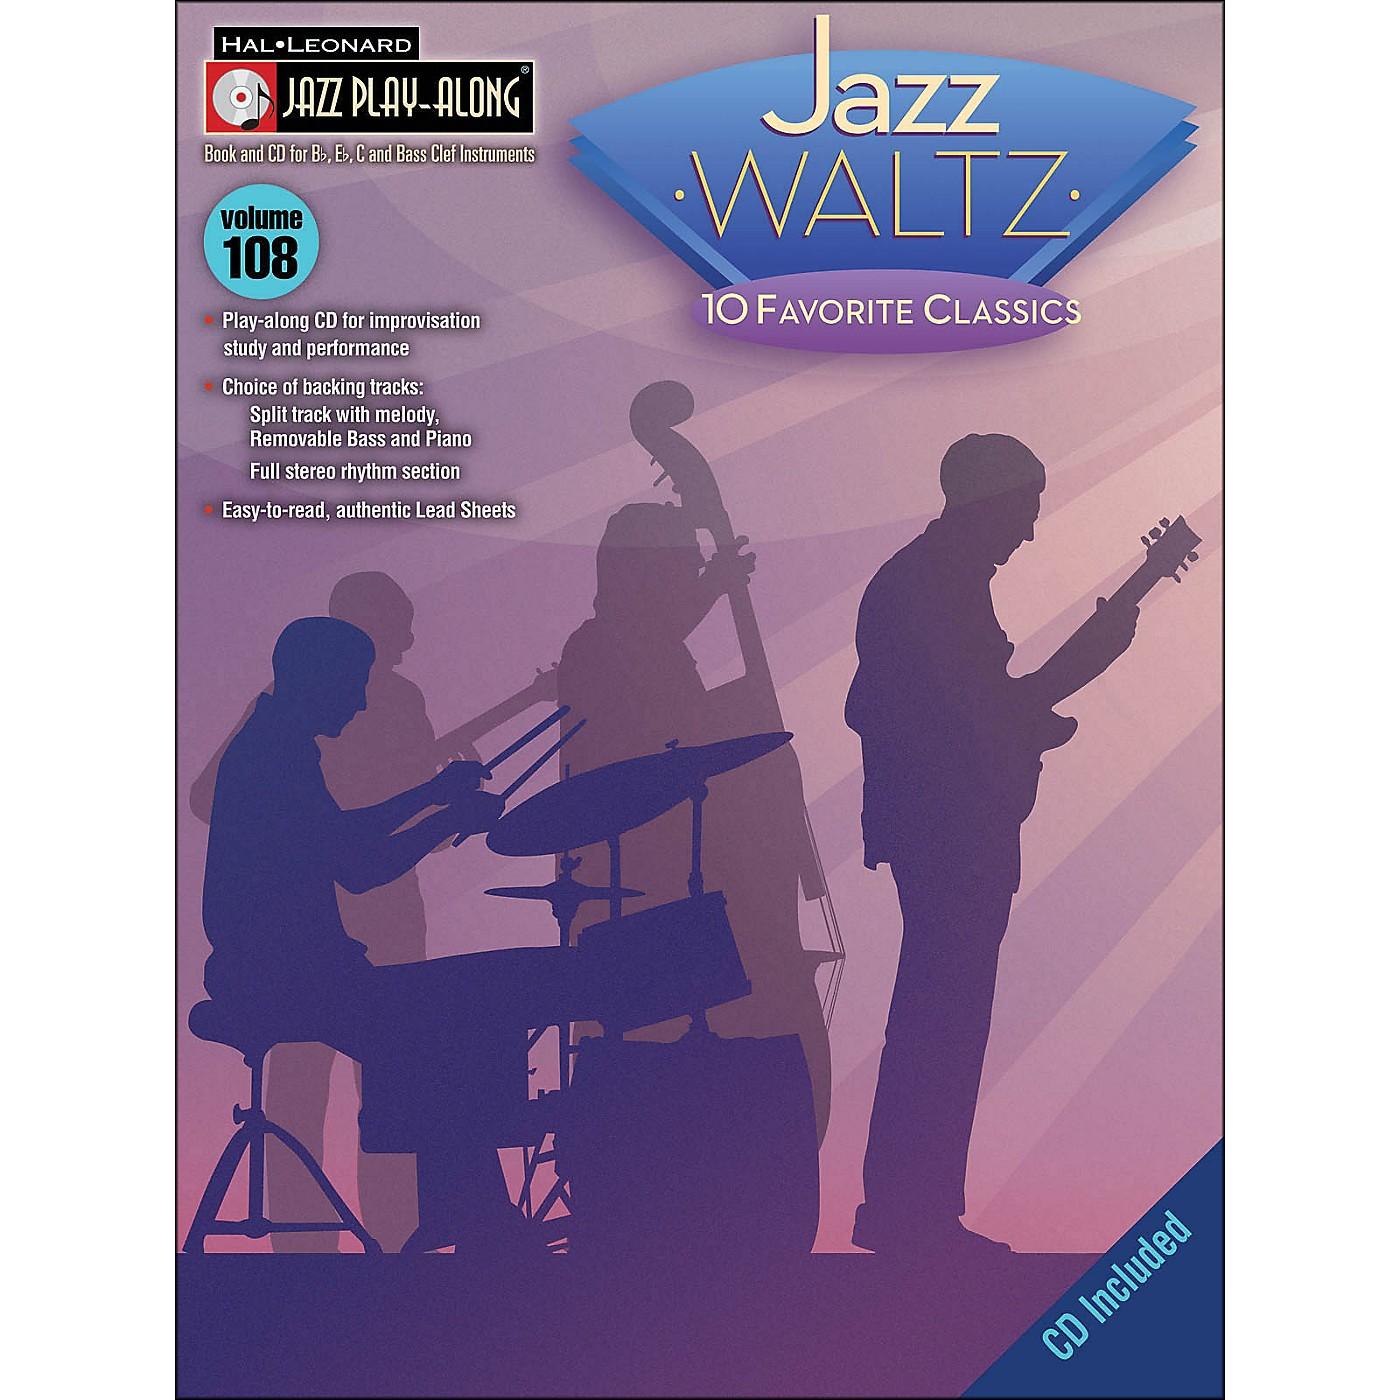 Hal Leonard Jazz Waltz - Jazz Play-Along Volume 108 (CD/Pkg) thumbnail